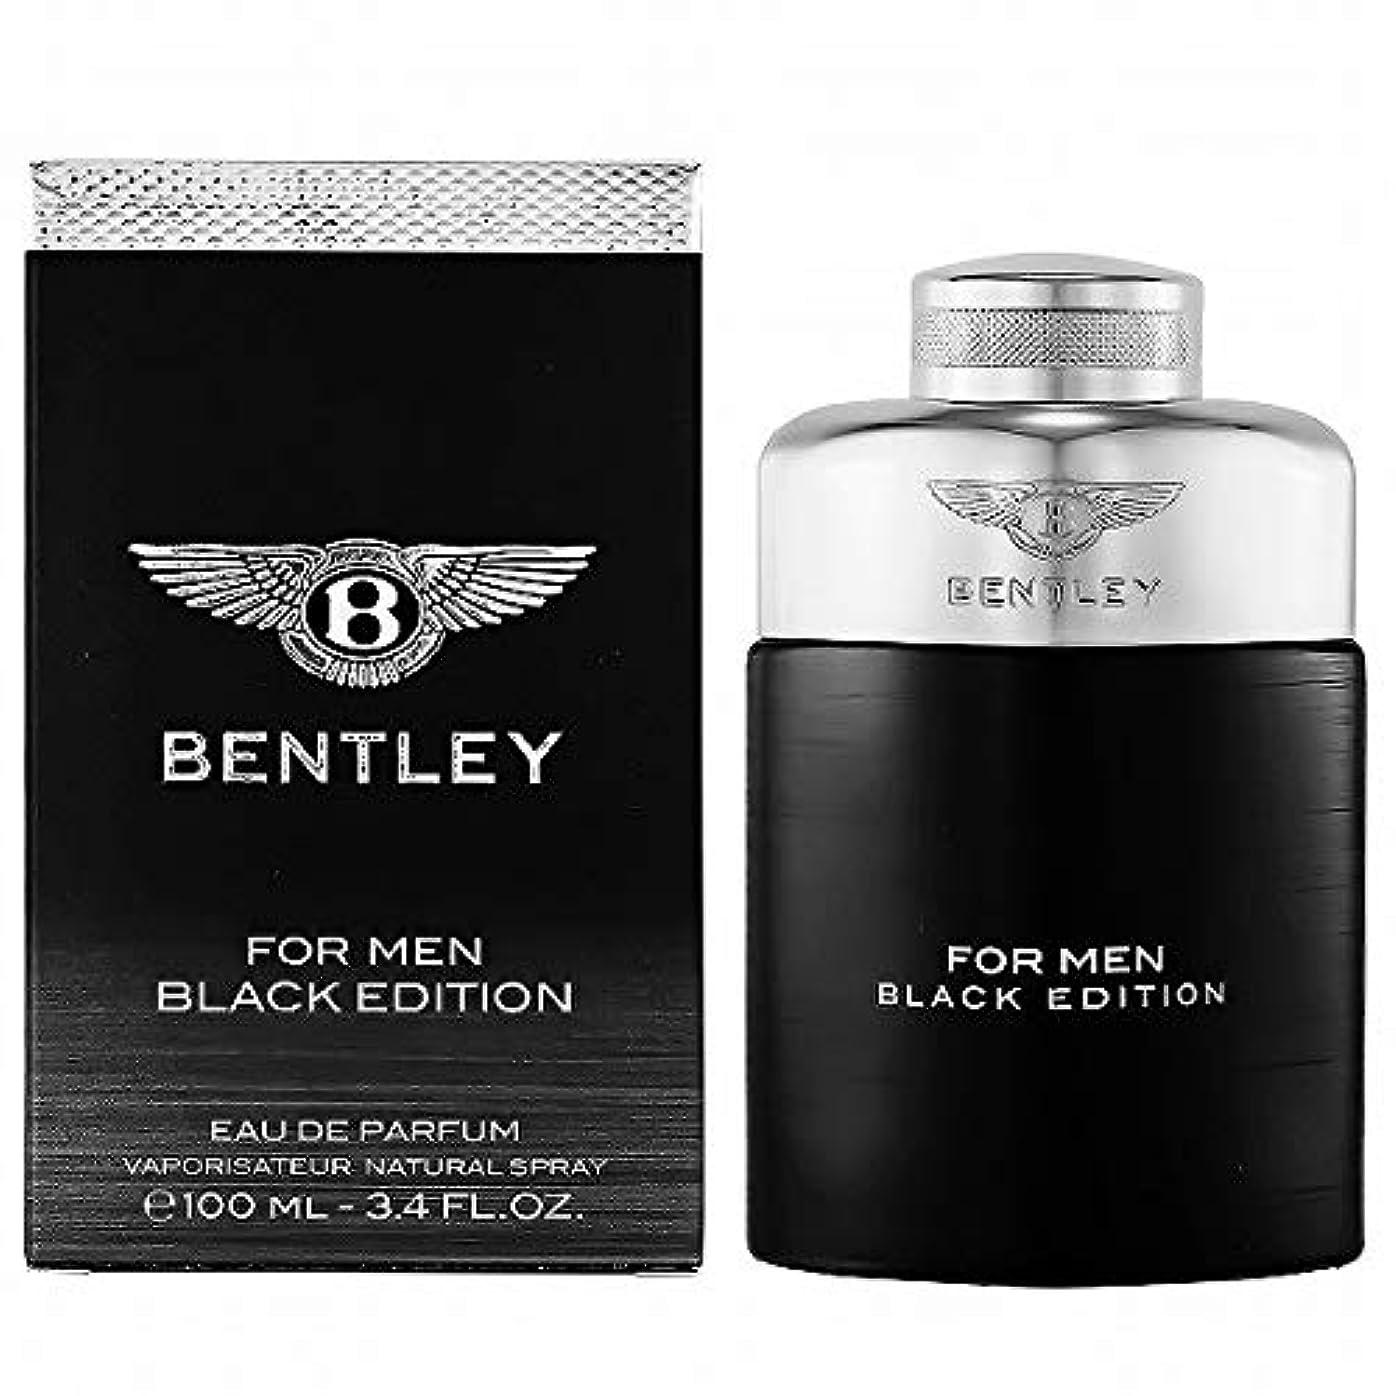 明らかに人形便宜ベントレー BENTLEY 香水 BEN-BENTLEYEDITION フォーメンブラックエディション オードパルファム 100ml【メンズ】 [並行輸入品]